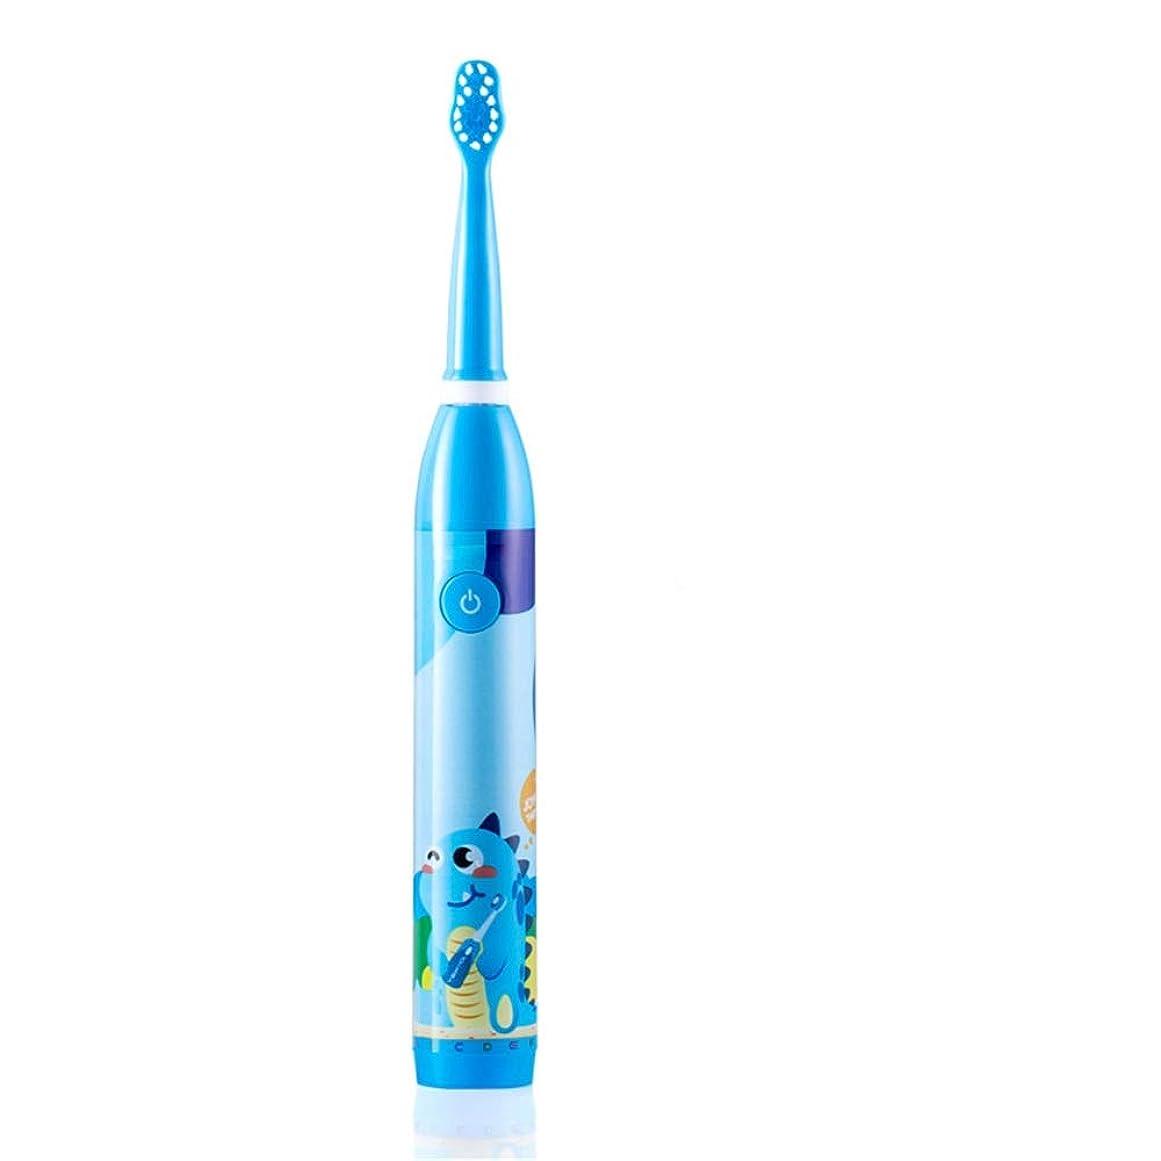 価値のないコーラステレマコス電動歯ブラシ 子供のための適切な子供の電動歯ブラシUSB充電式防水保護ホワイトニング6-12 (色 : 青, サイズ : Free size)